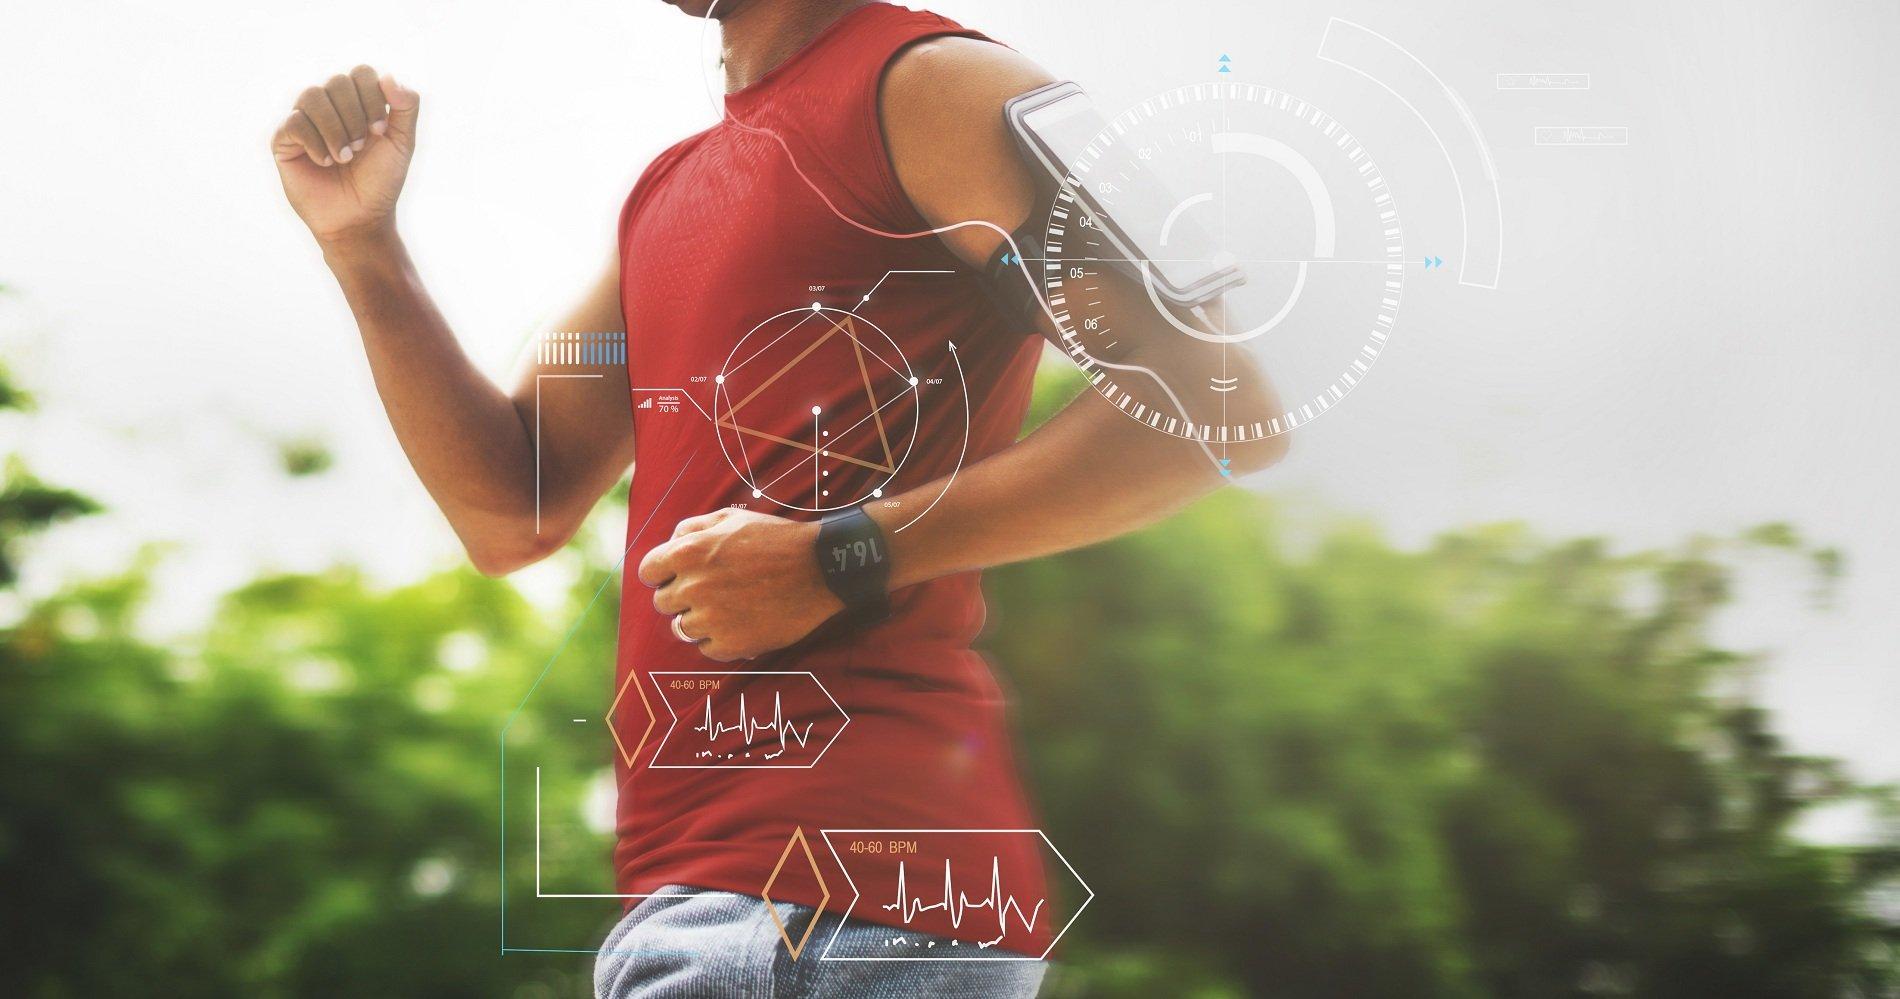 Atleta controllato con esame diagnostico dell'apparato neuro-muscolo-scheletrico e Holter Ecg per il monitoraggio dell'attività cardiaca.